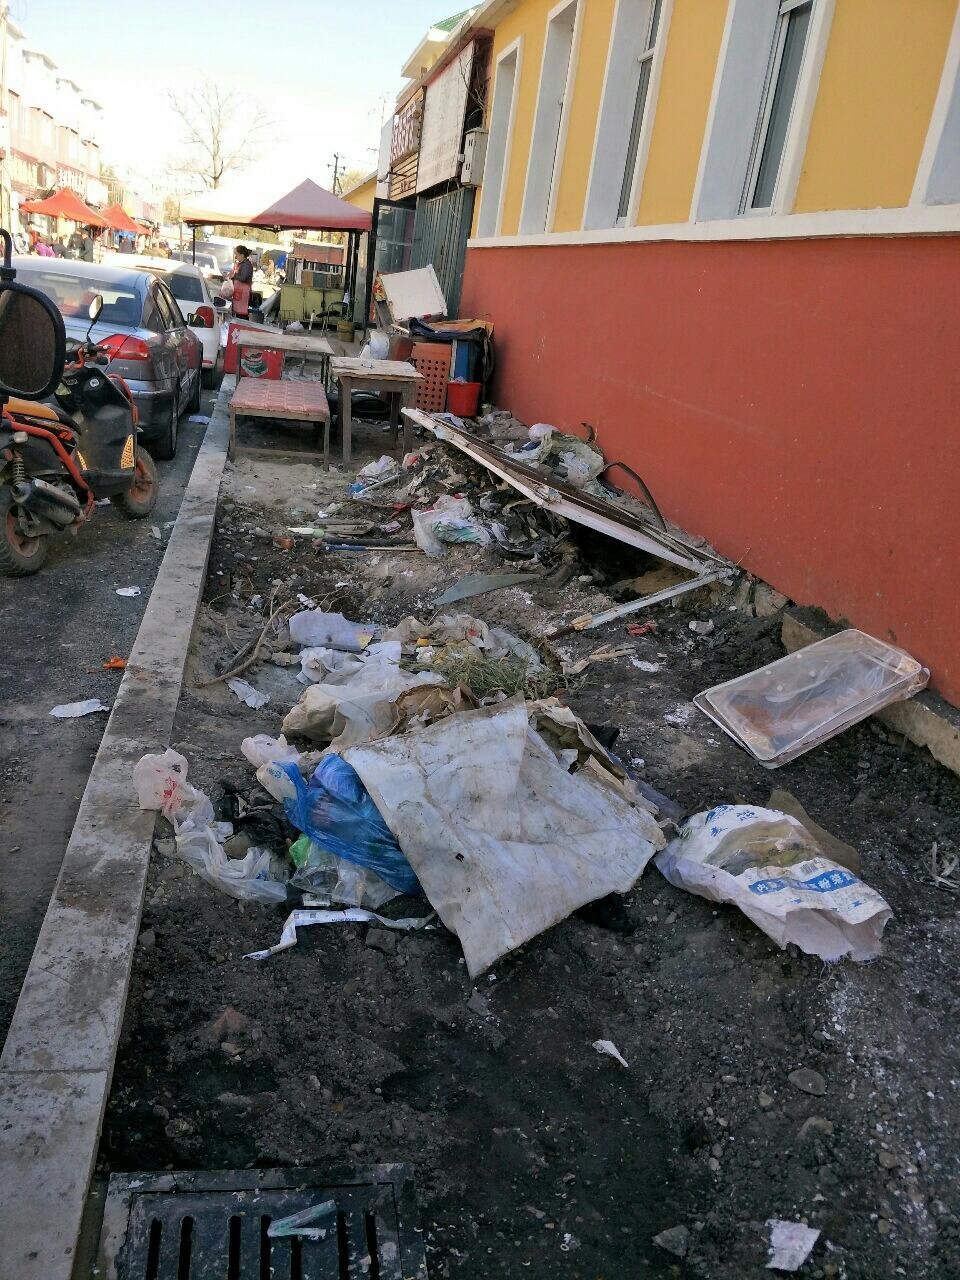 小贩占道经营,卫生脏乱差。